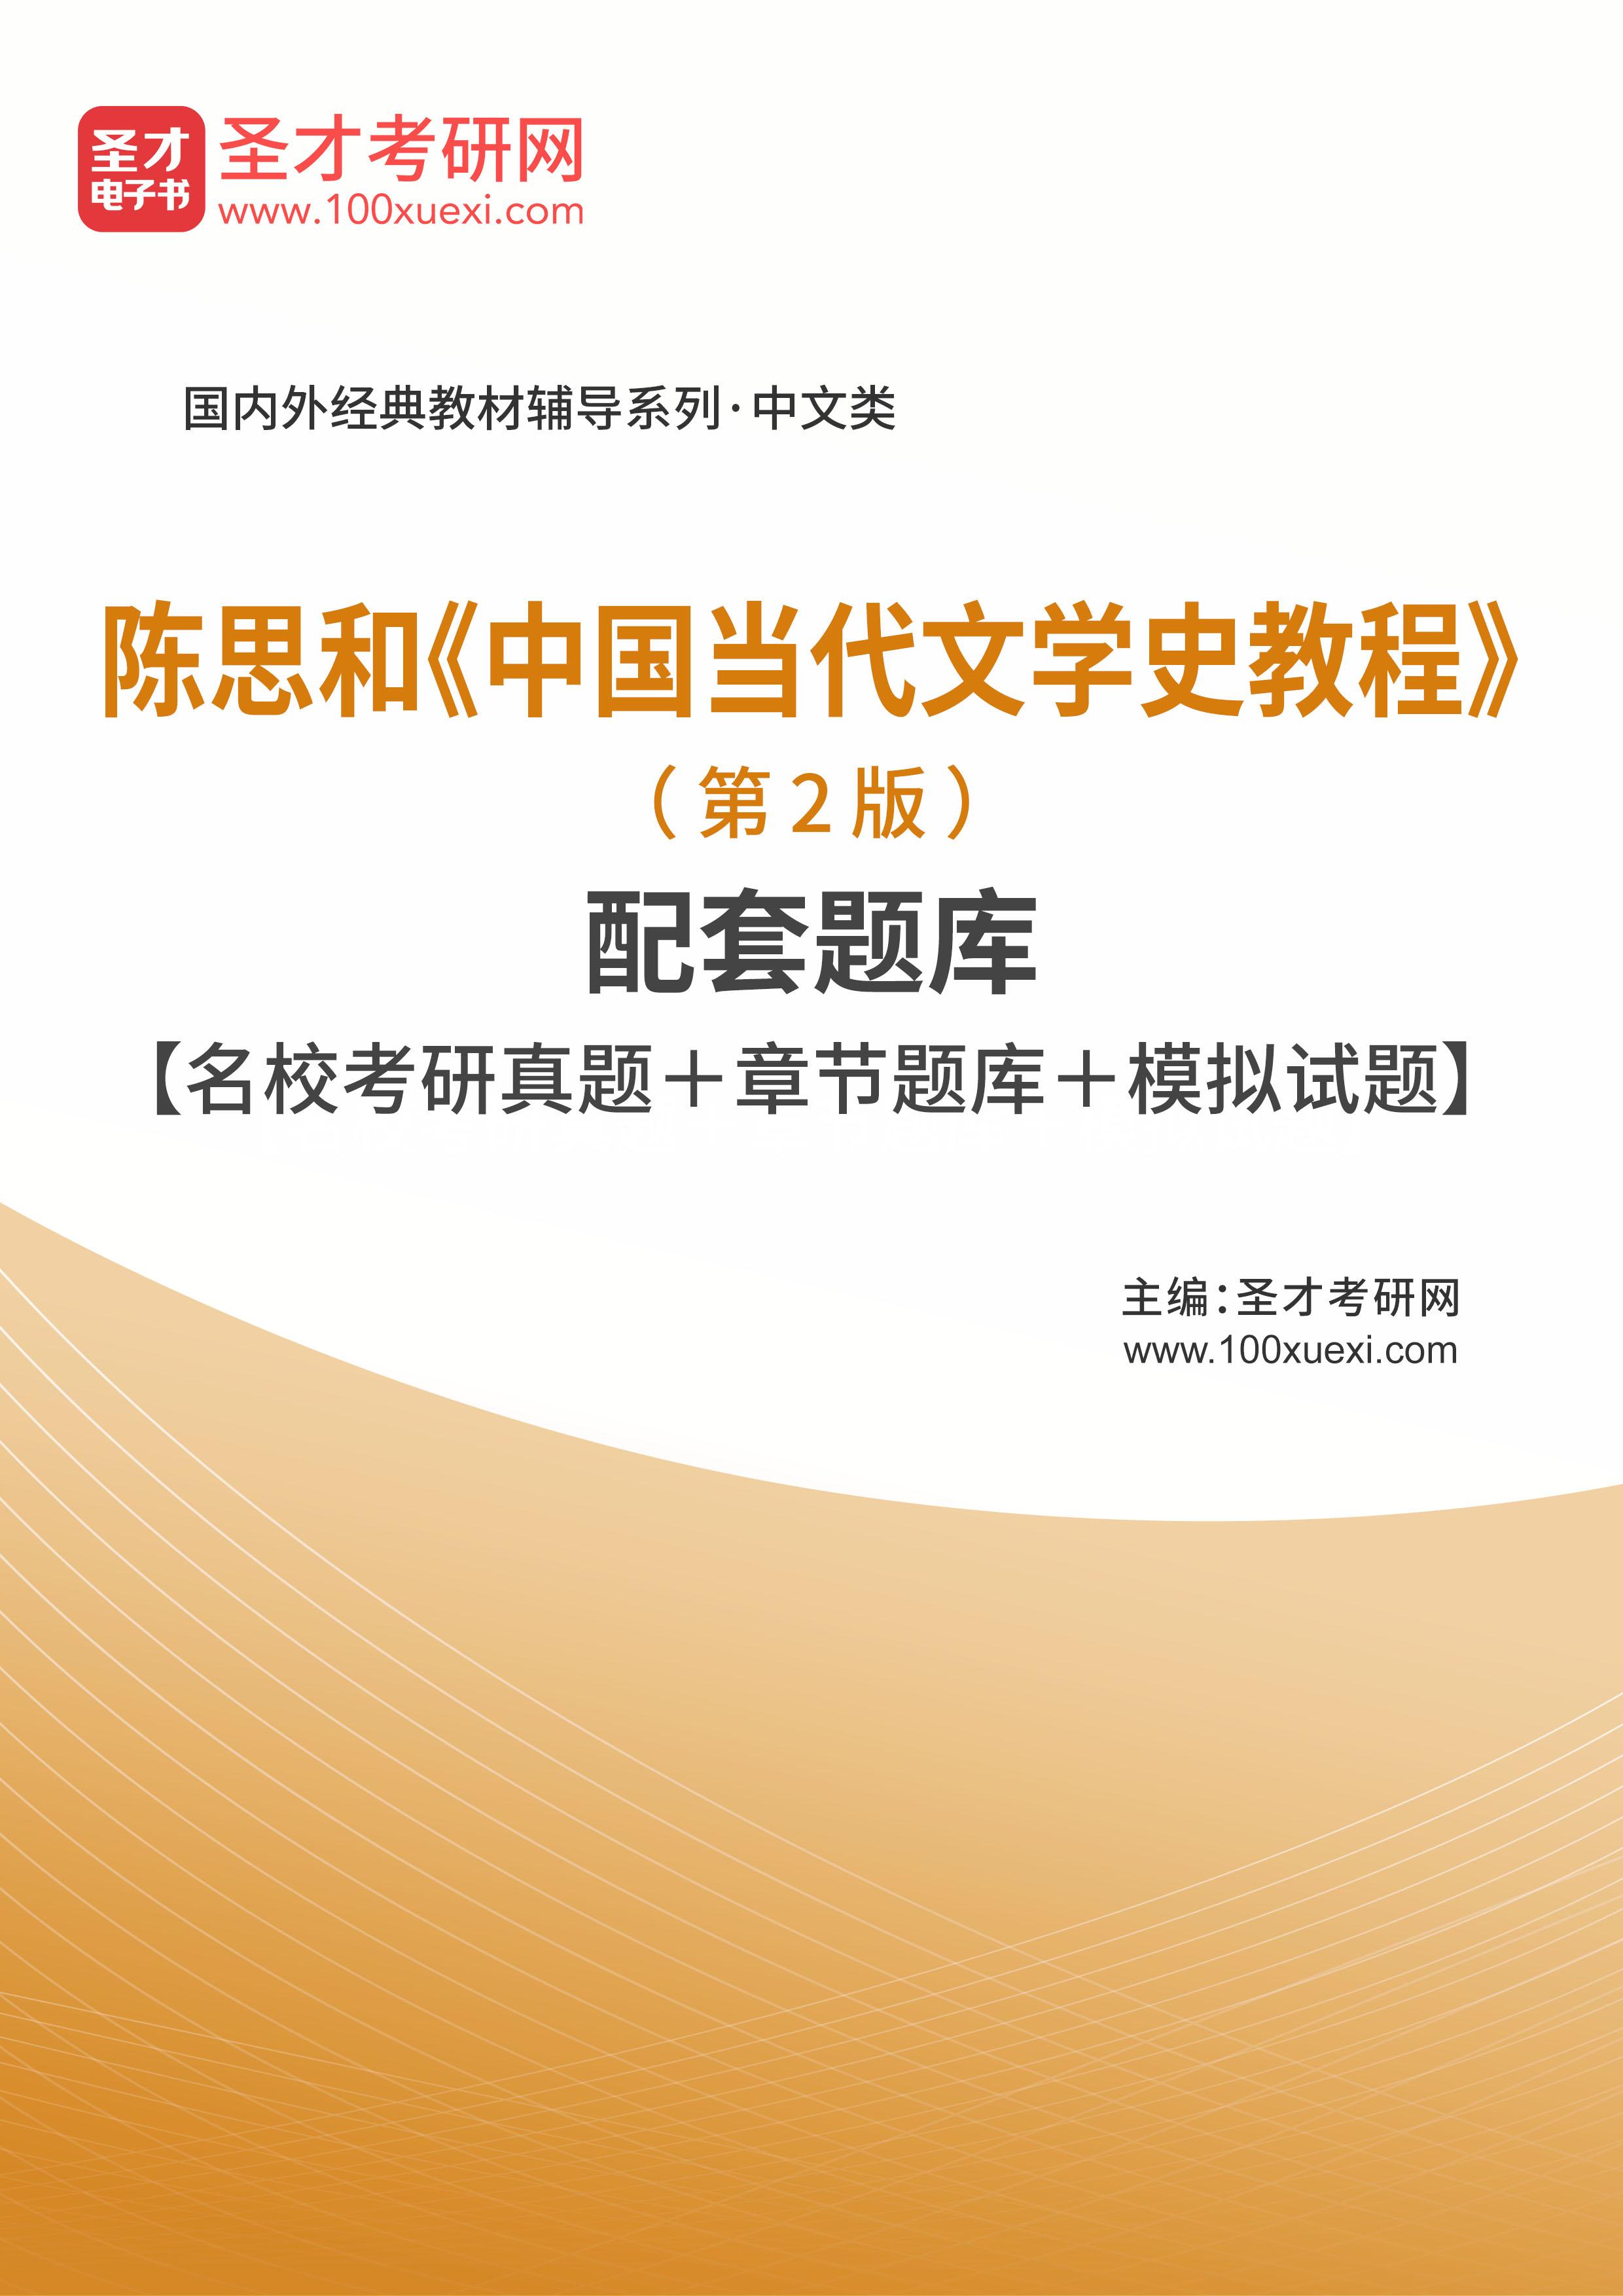 陈思和《中国当代文学史教程》(第2版)配套题库【名校考研真题+章节题库+模拟试题】